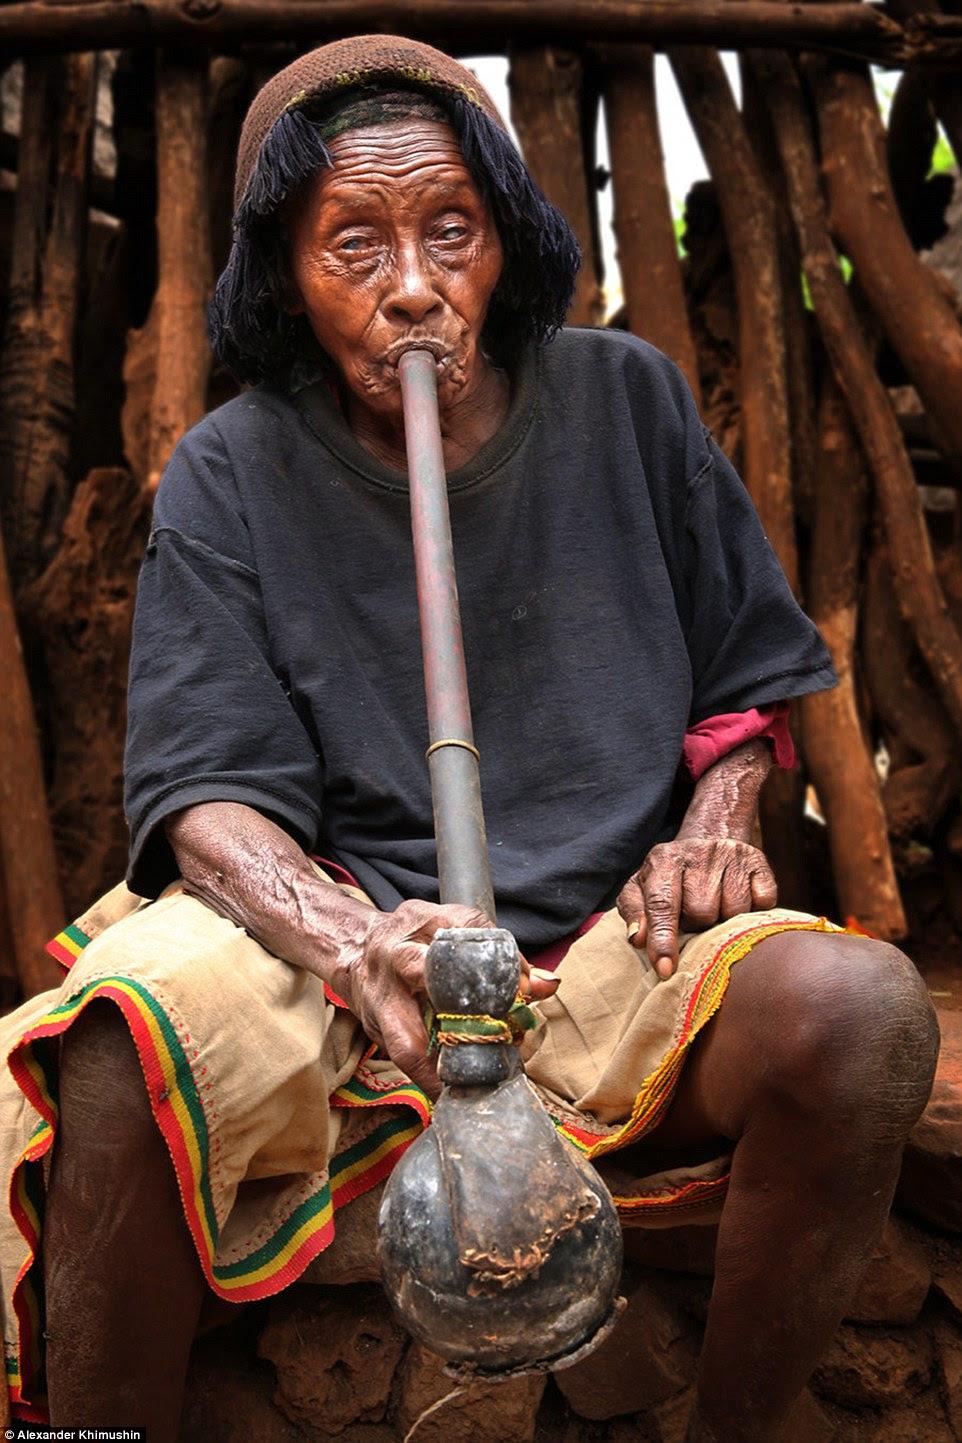 Uma mulher Konso Tribo cega leva uma nuvem de fumaça a partir de um dispositivo de grande pipe-like, as pernas são riscado e cheios de lama de sentar em tijolos de barro